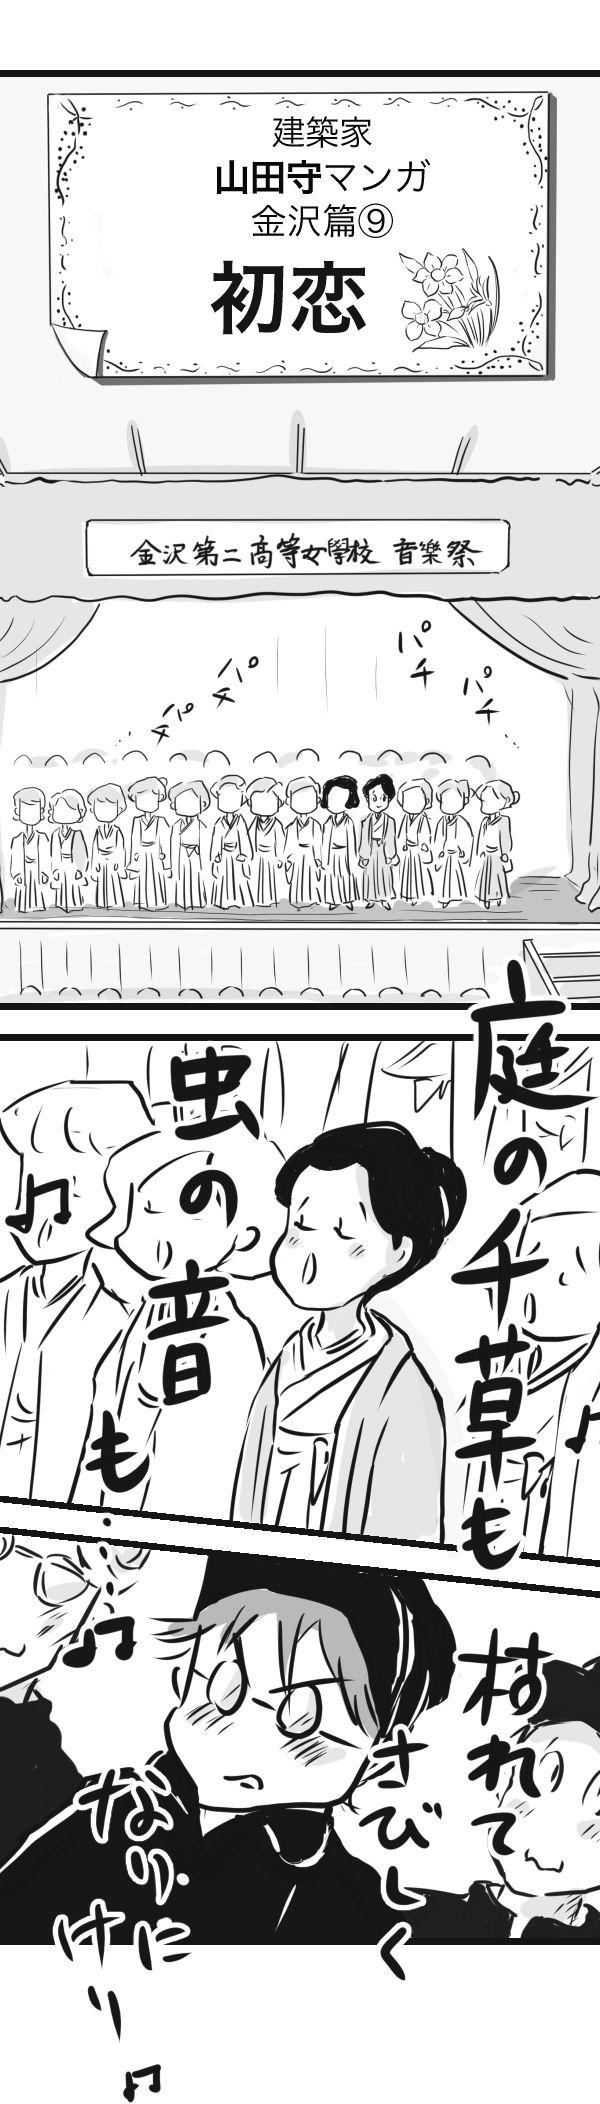 金沢9初恋−1−1 350dpi